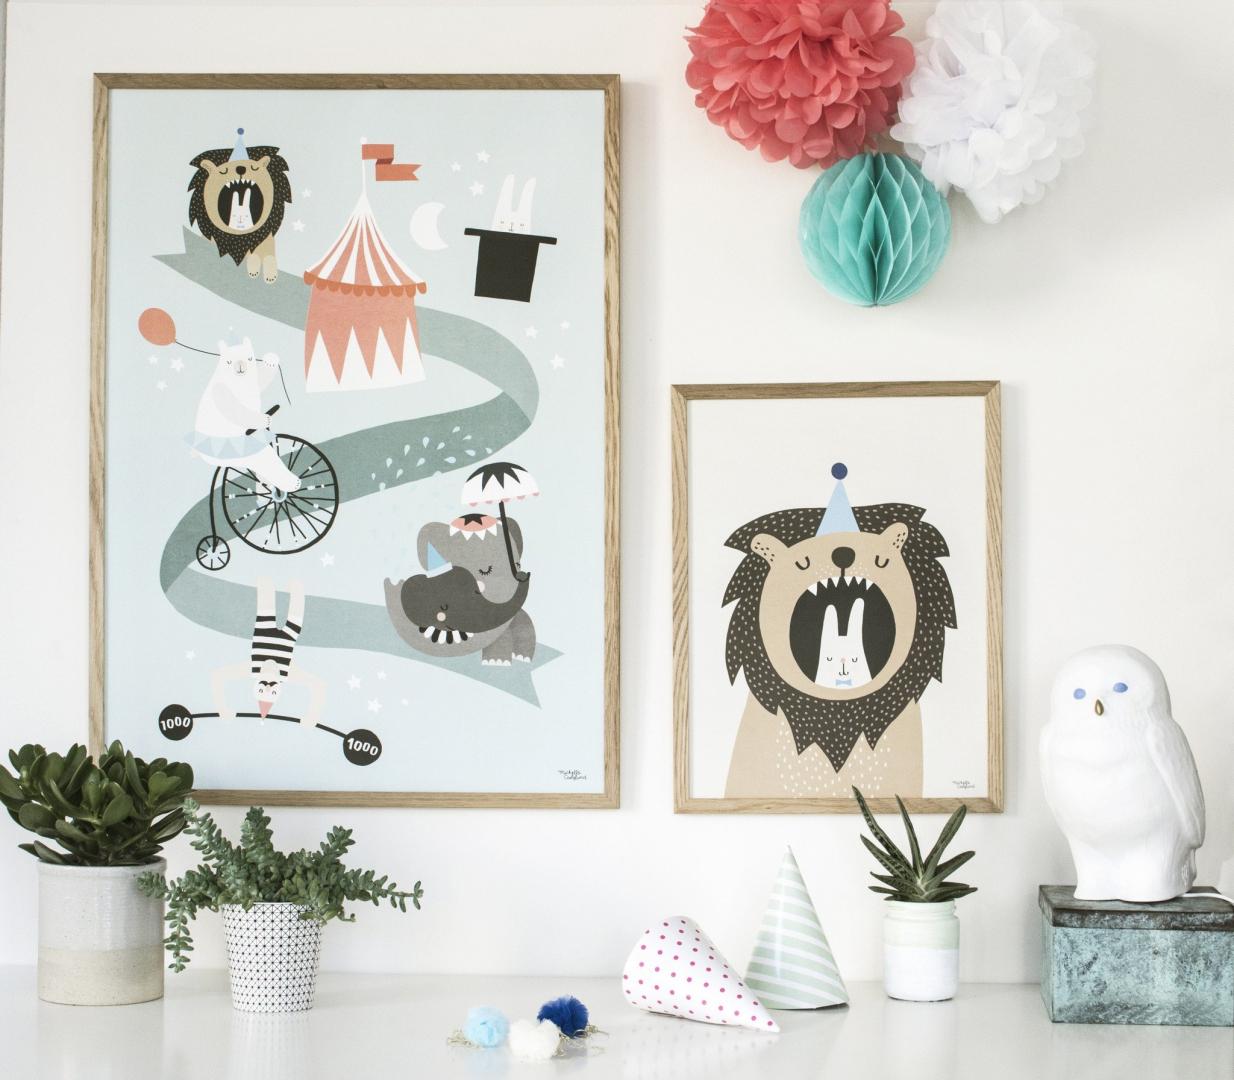 Affiche Lion & Bunny  30x40cm - MICHELLE CARLSUND